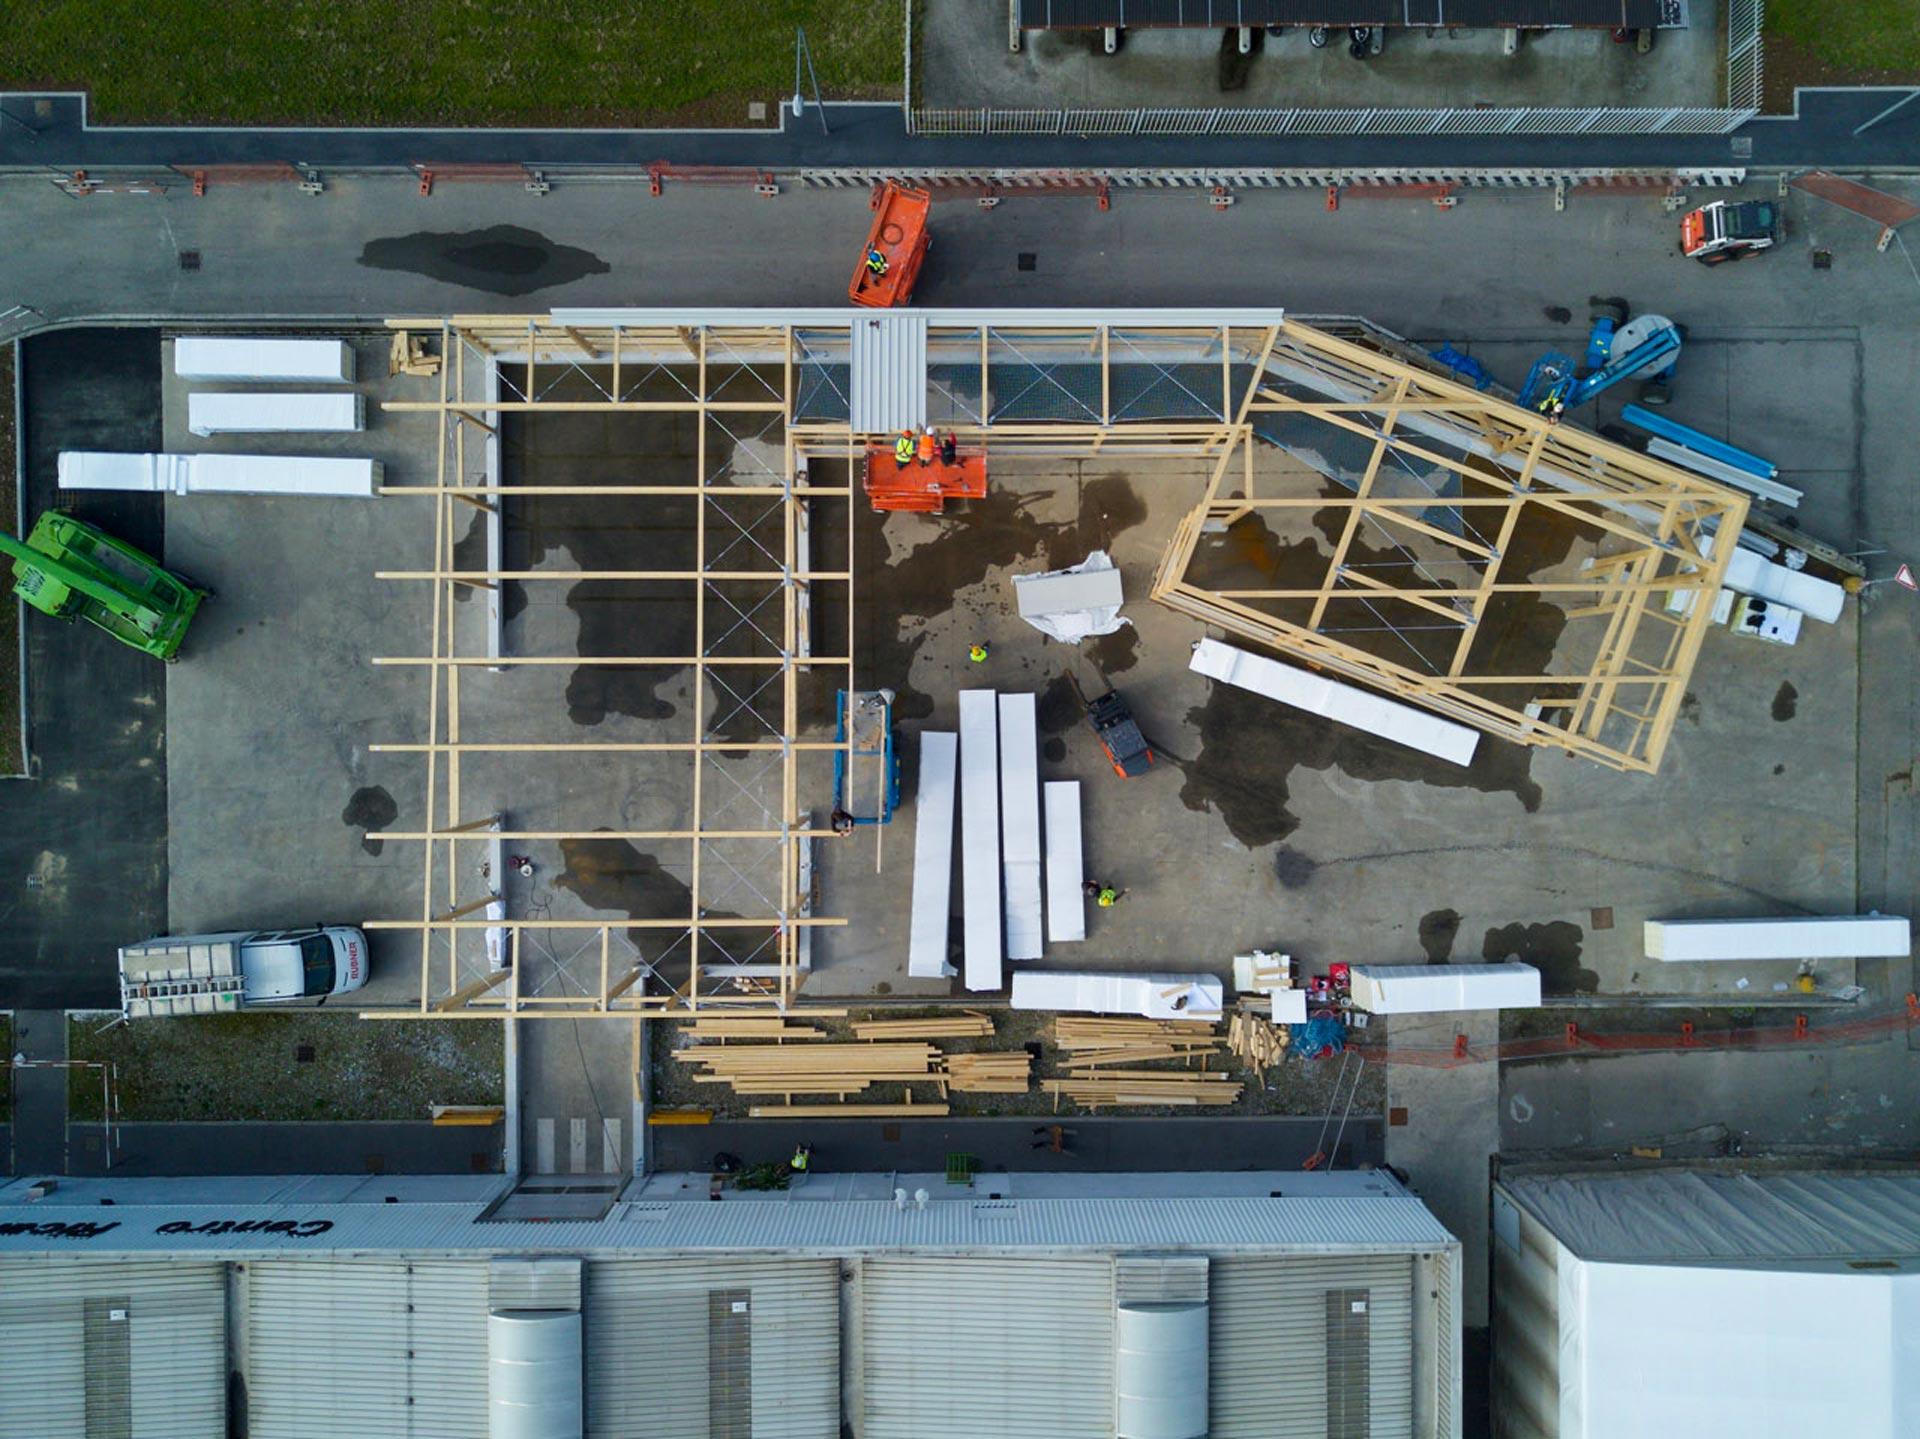 esperienza drone immagine aerea portfolio cantiere architettura milano studio gdmp costruzione magazzino tre 2.jpg